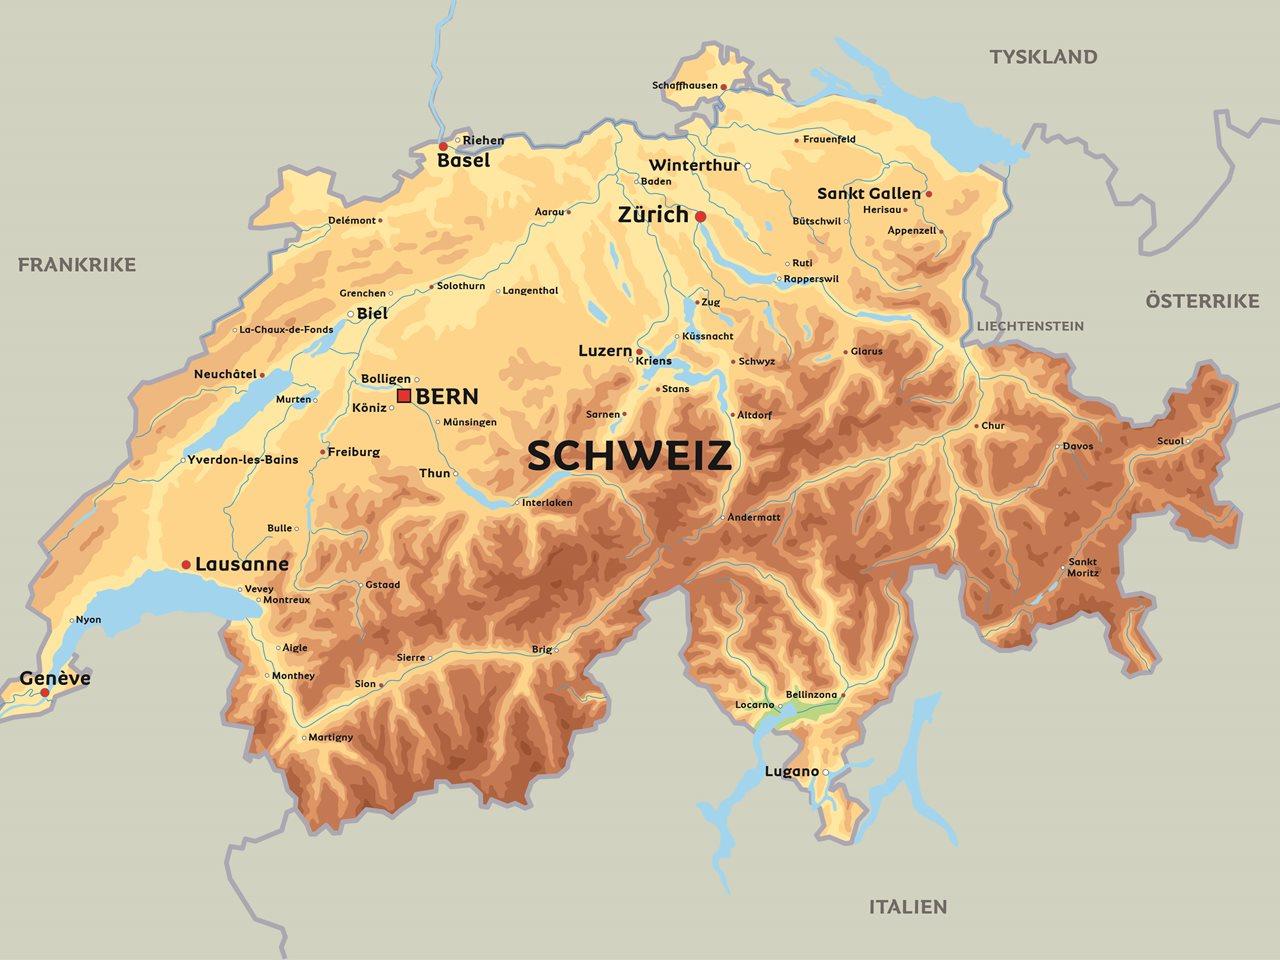 schweiz karta Karta Schweiz: se bl.a. Bern, Basel och Zürich schweiz karta